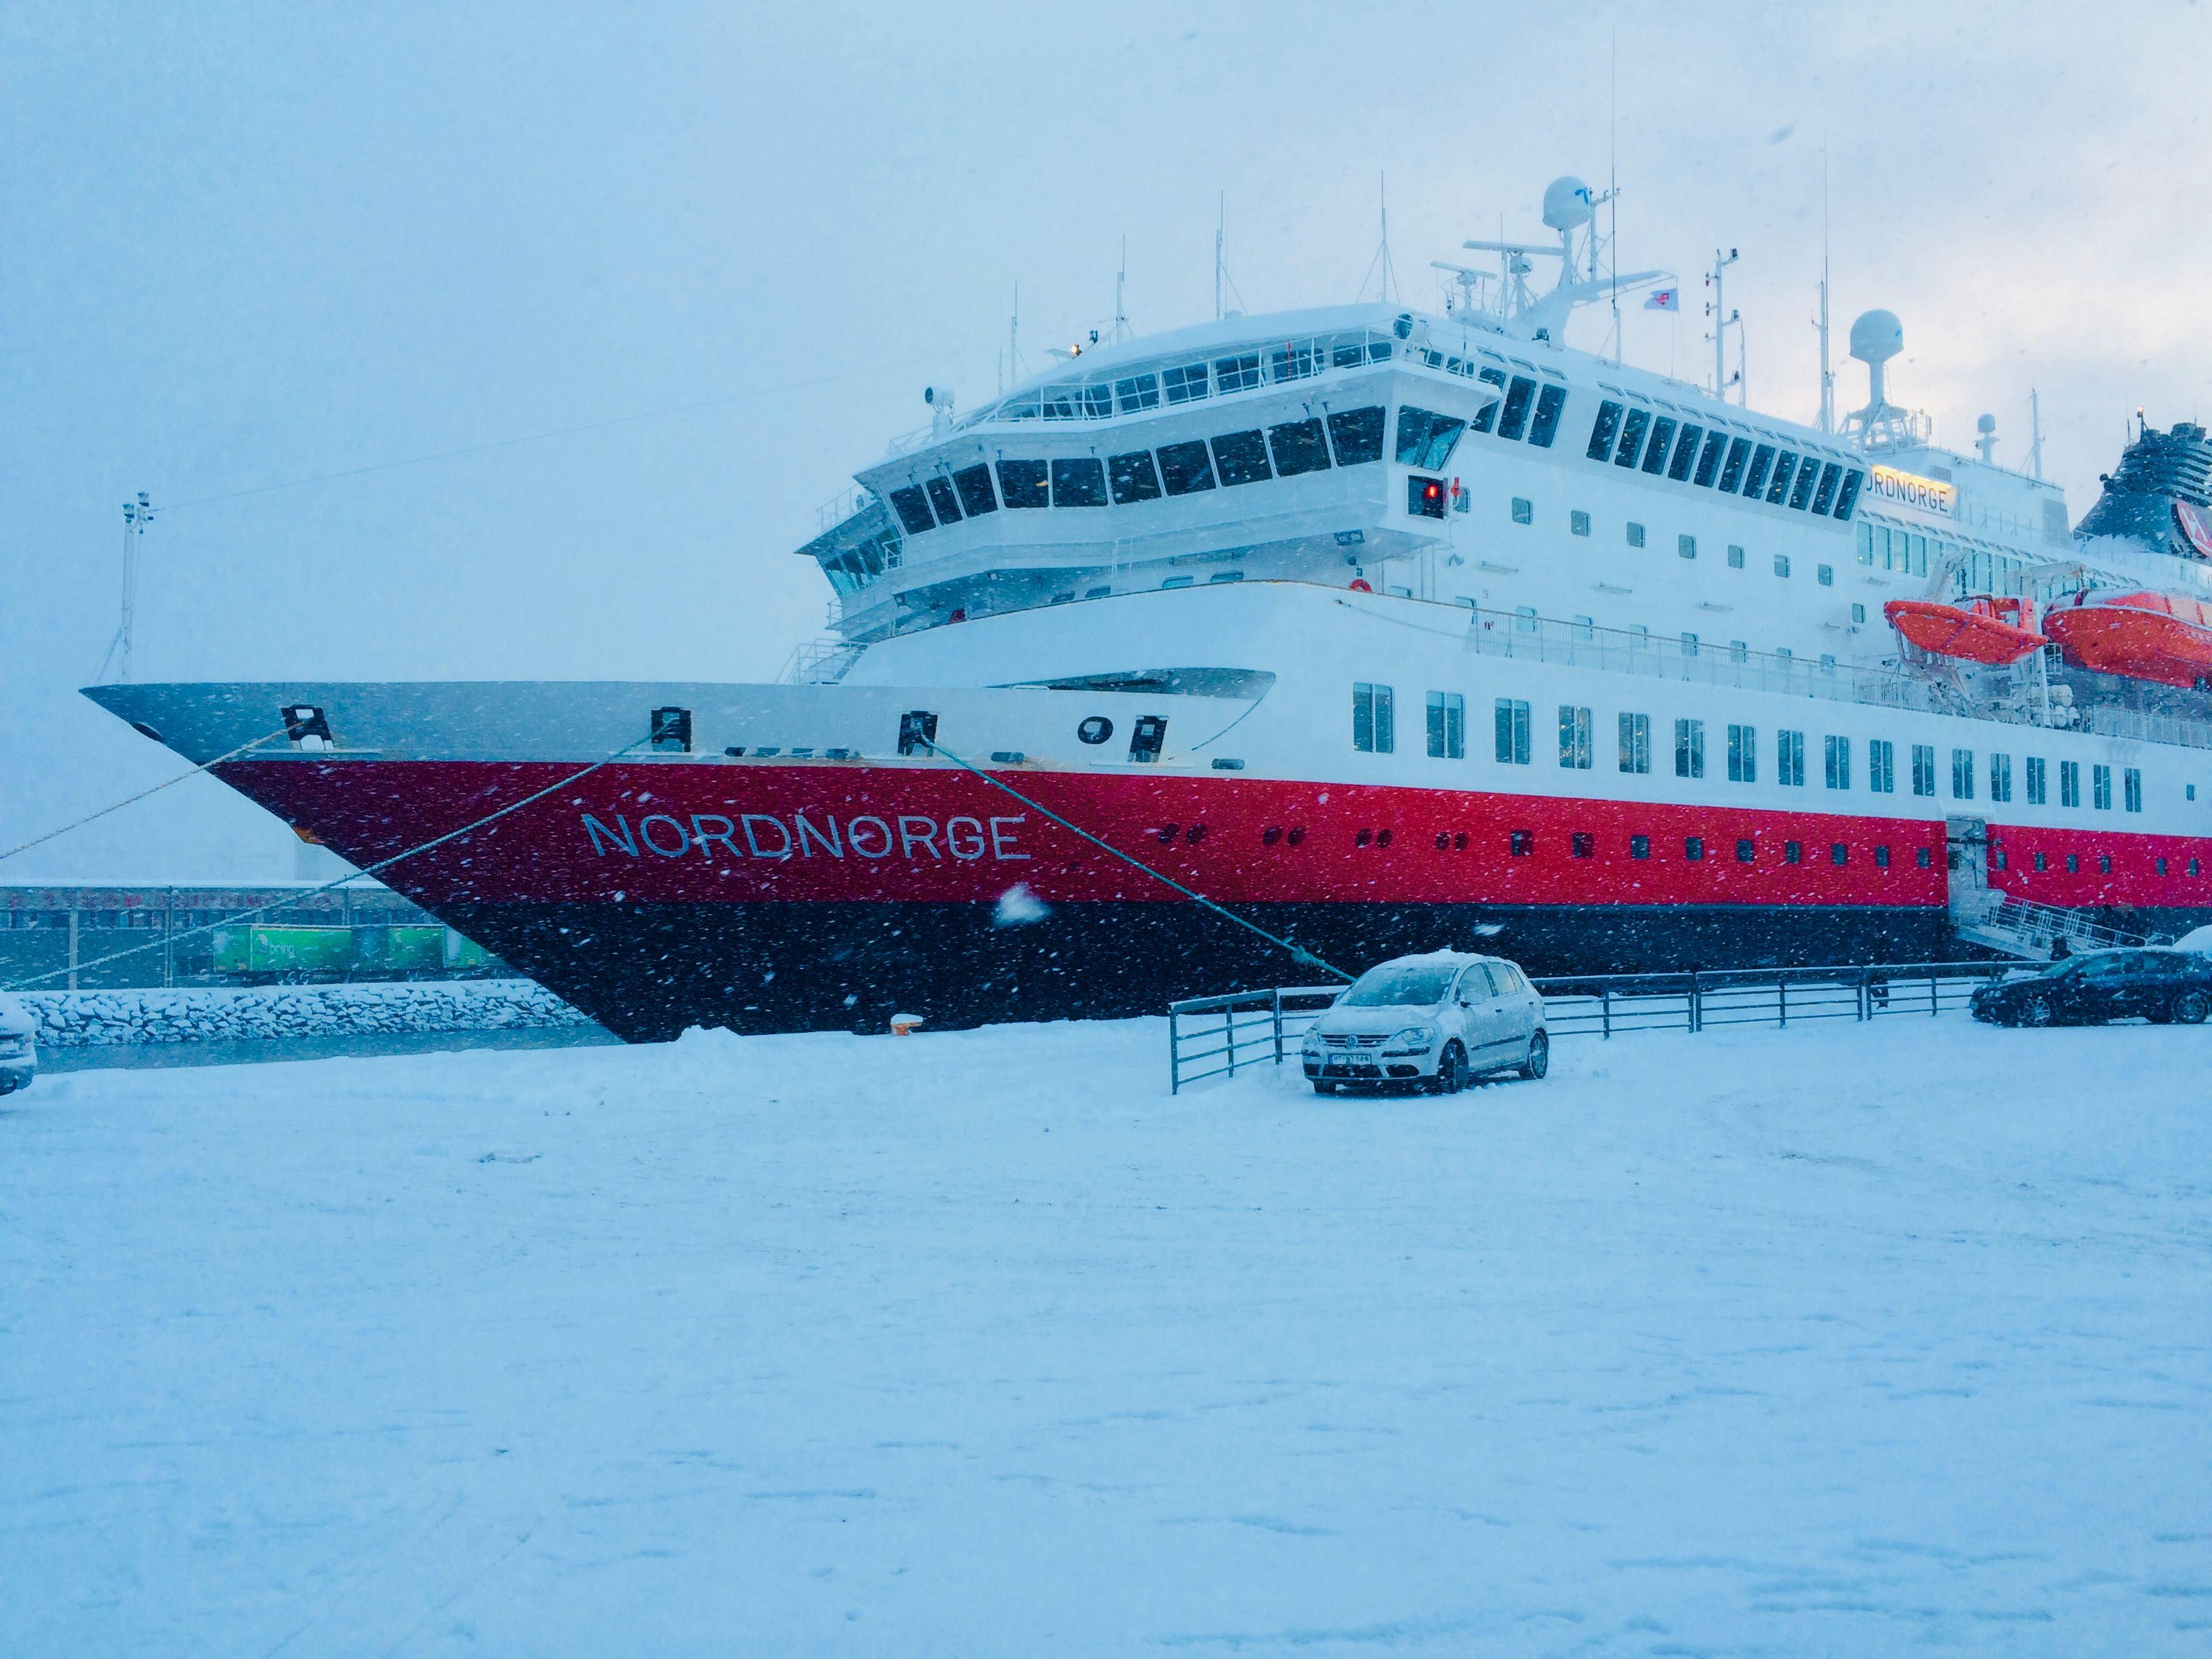 Hurtigruten. Dlaczego praca na statku w Norwegii jest jak z marzeń?